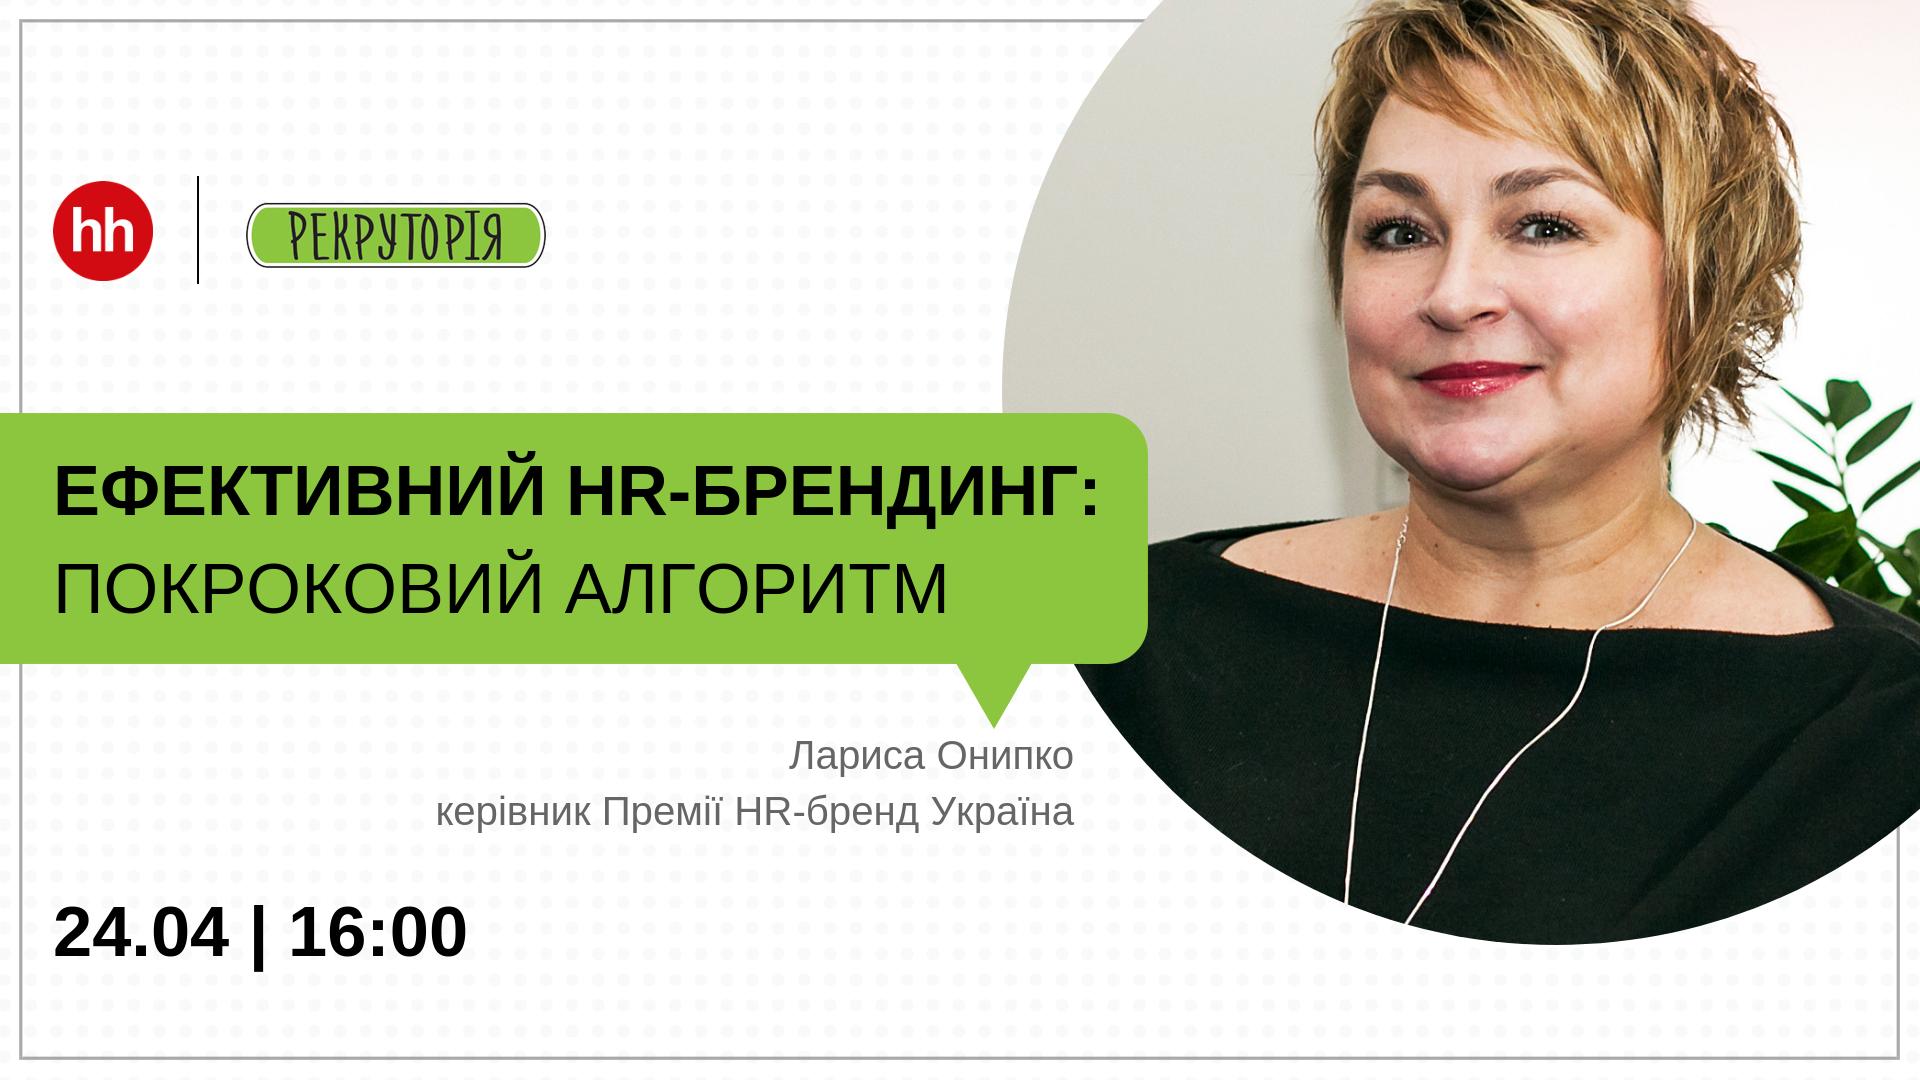 Вебінар «Ефективний HR-брендинг: покроковий алгоритм» – 24/04/19